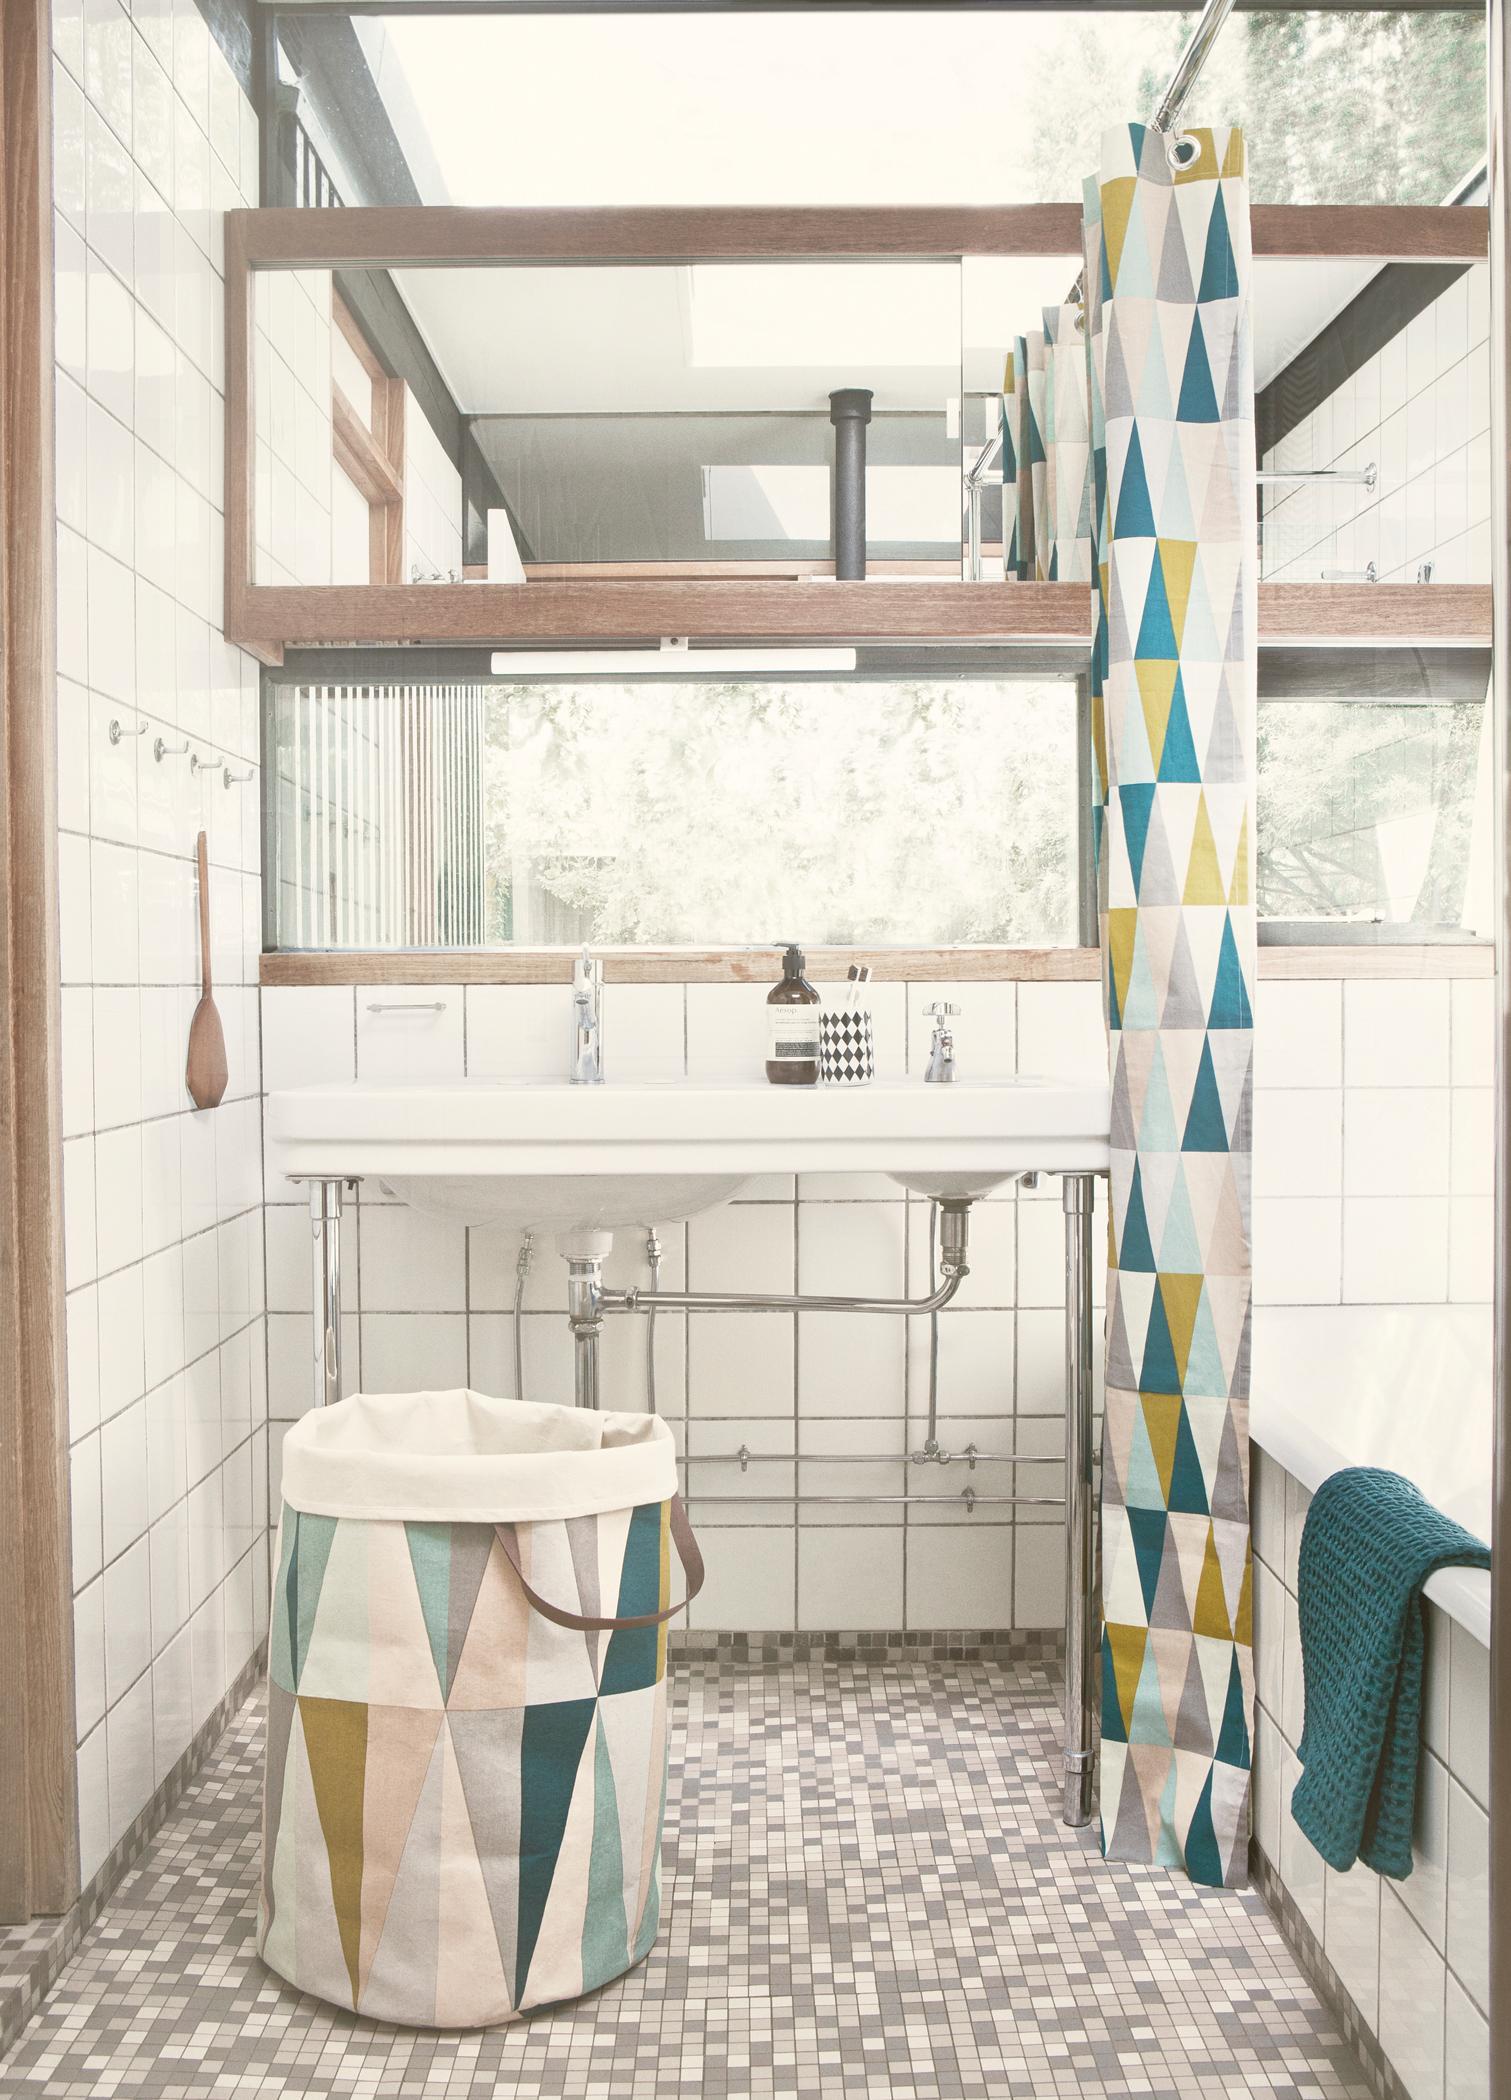 Mosaikfliesen gestalten: Wohnideen bei COUCH!